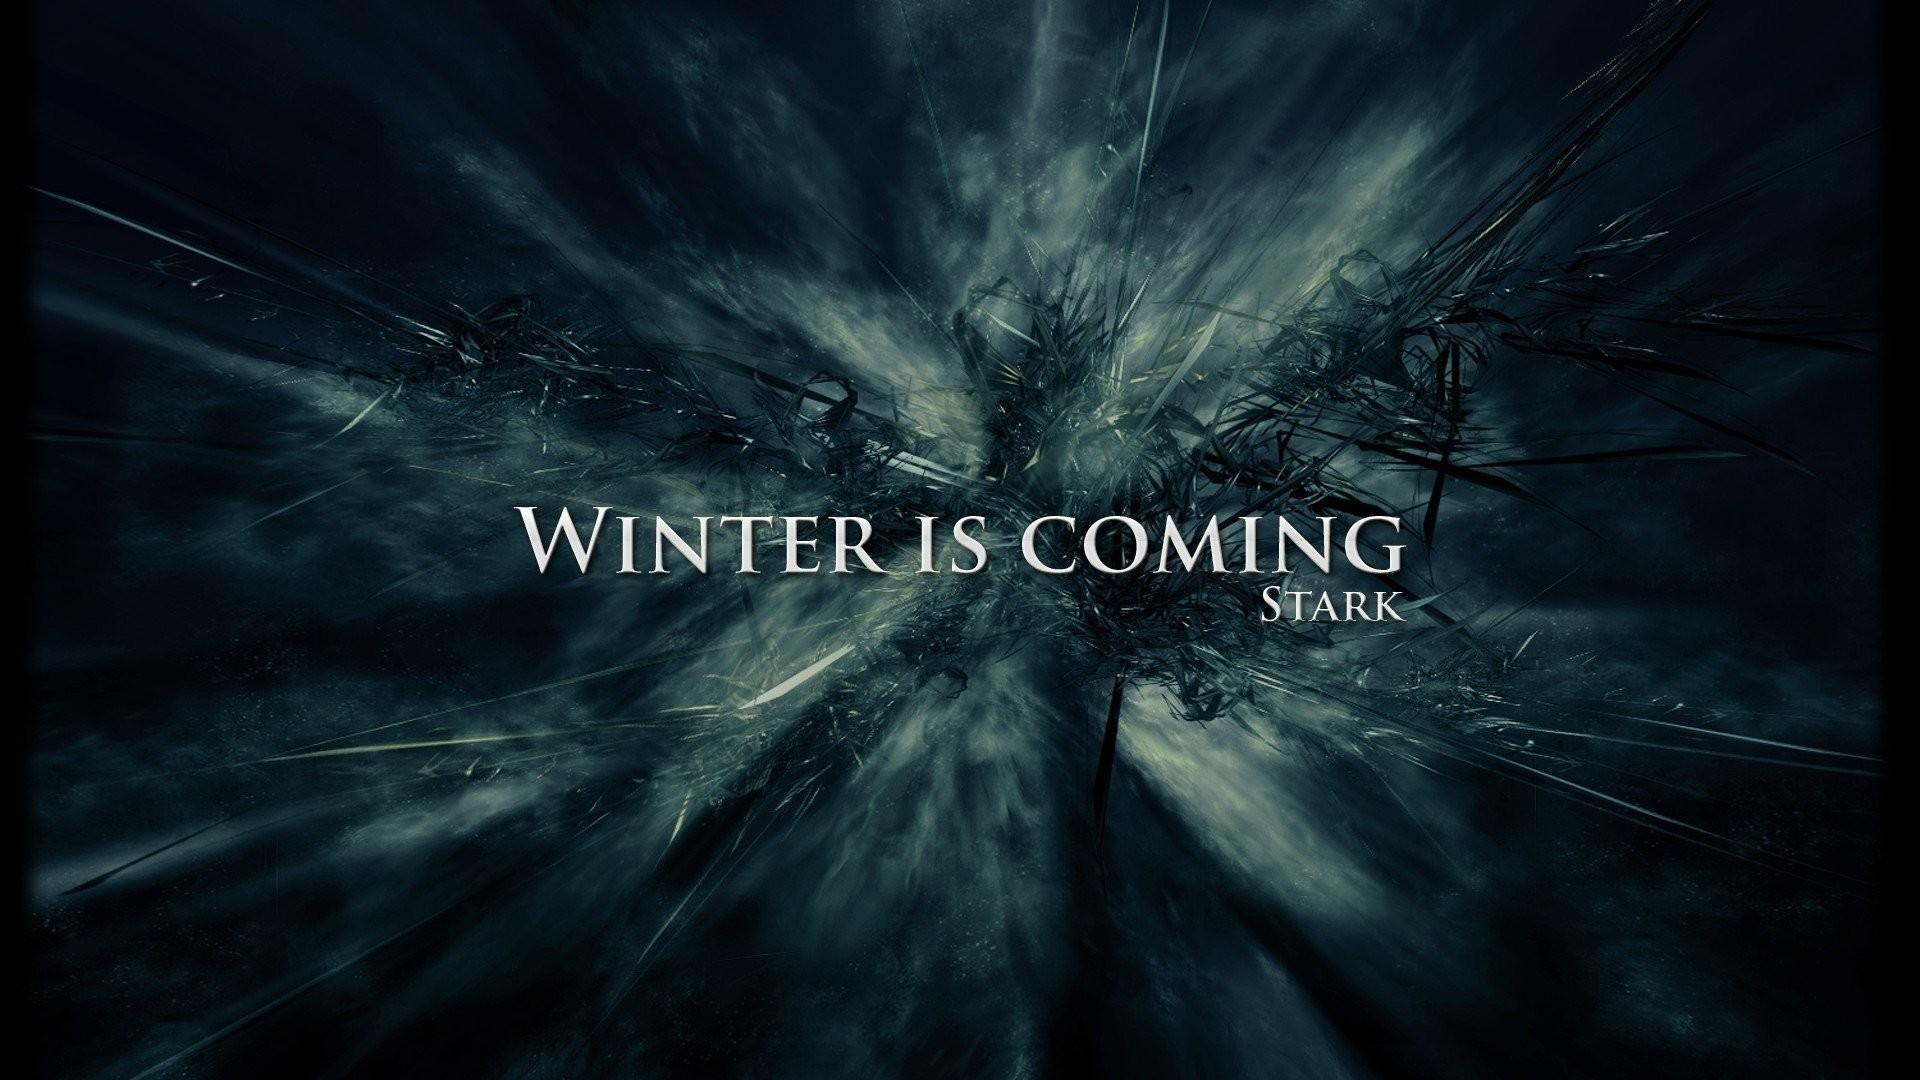 … winter is coming wallpaper 1600×900 …